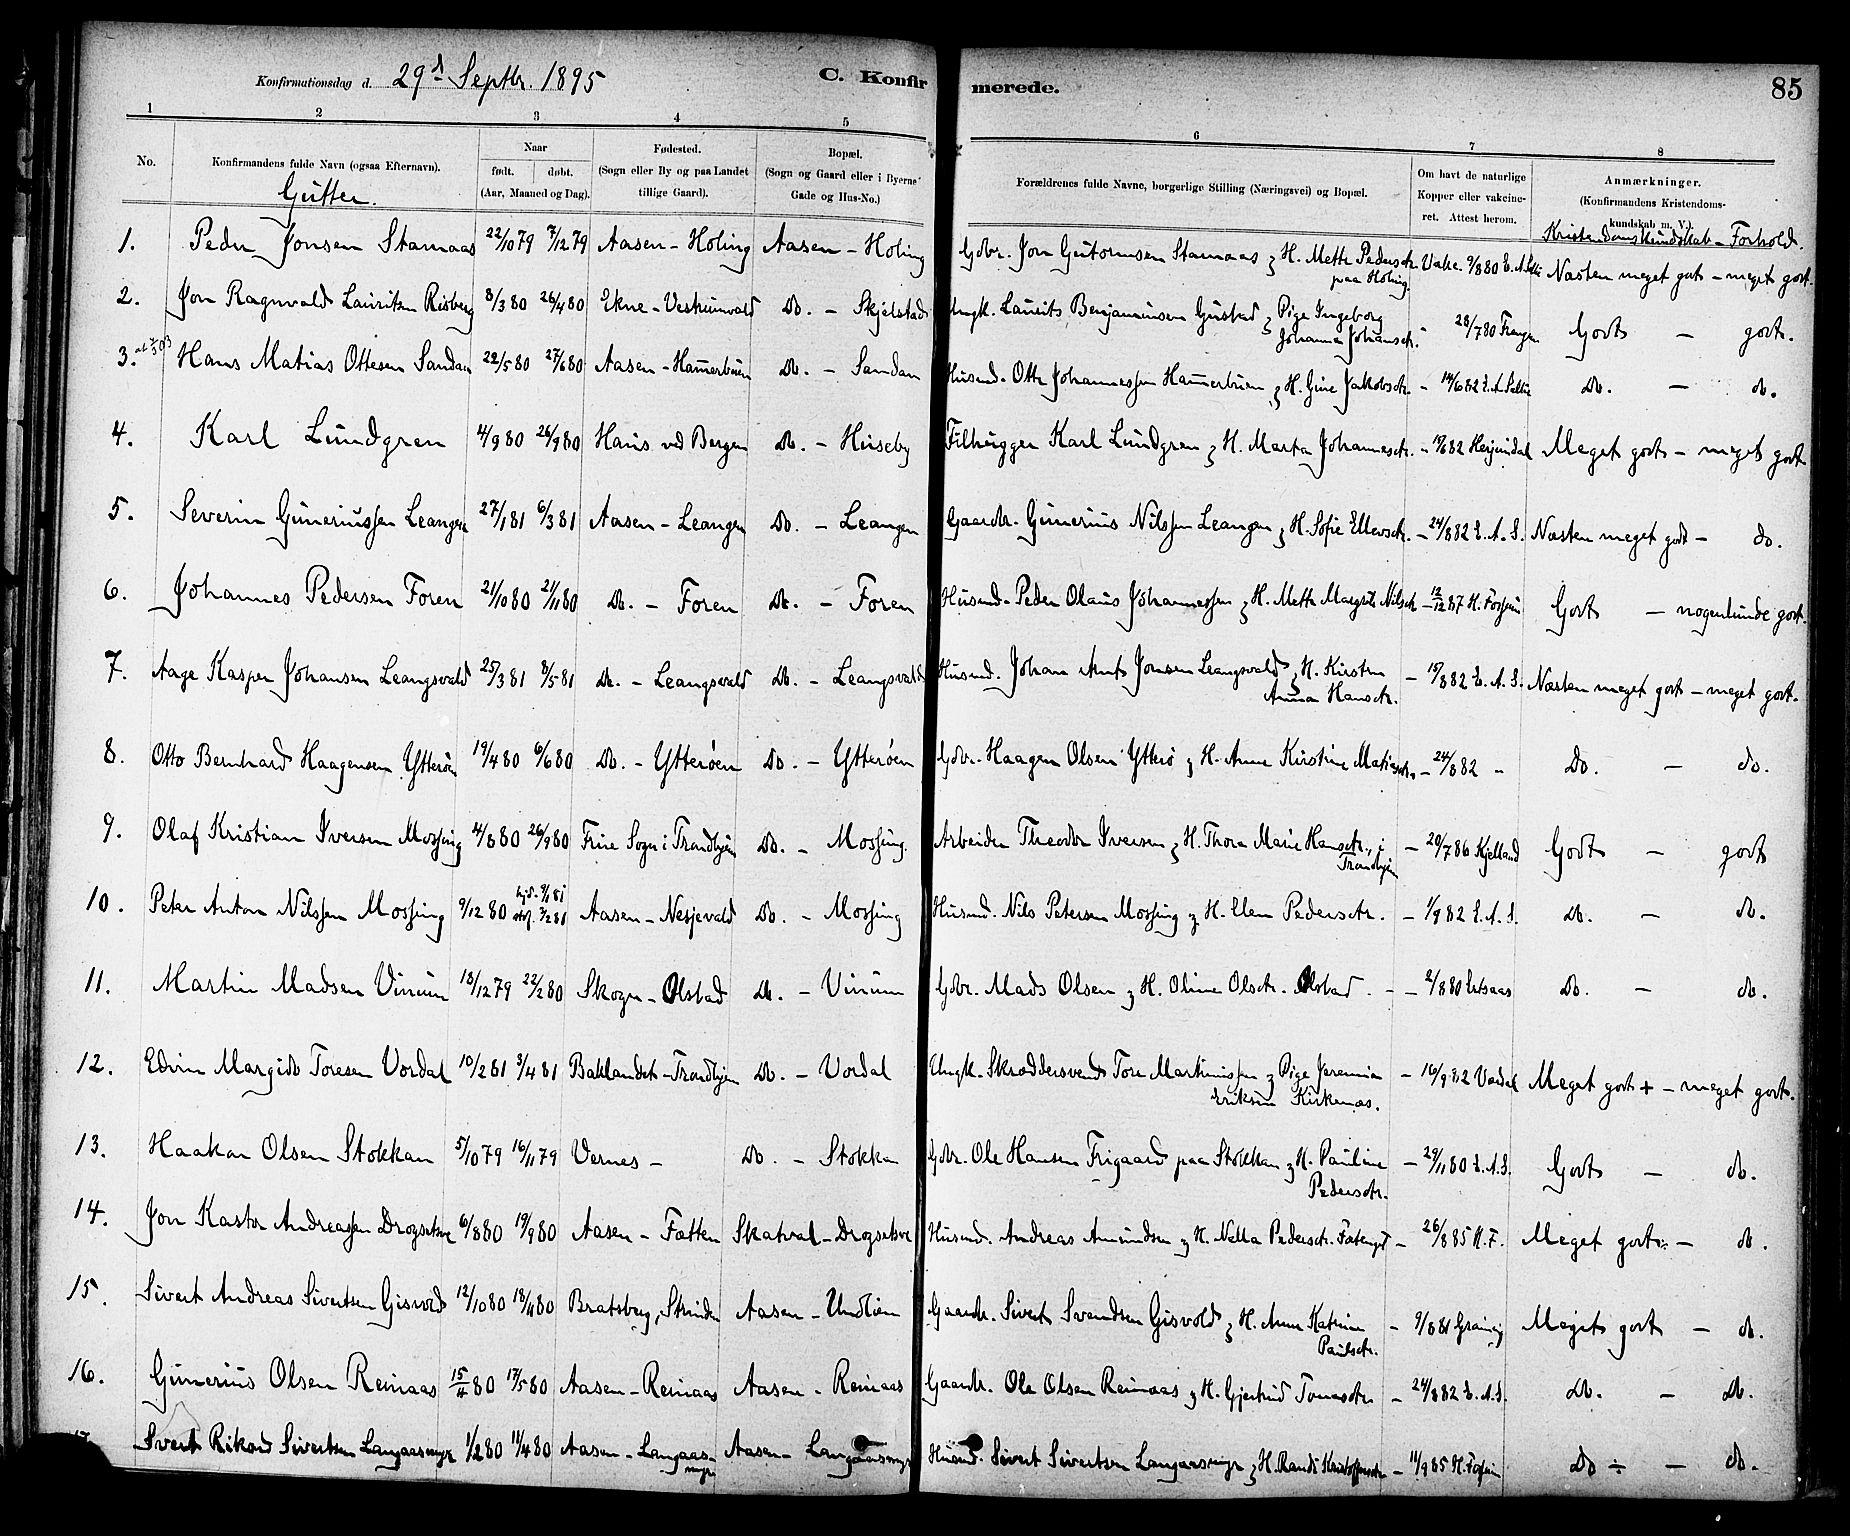 SAT, Ministerialprotokoller, klokkerbøker og fødselsregistre - Nord-Trøndelag, 714/L0130: Ministerialbok nr. 714A01, 1878-1895, s. 85